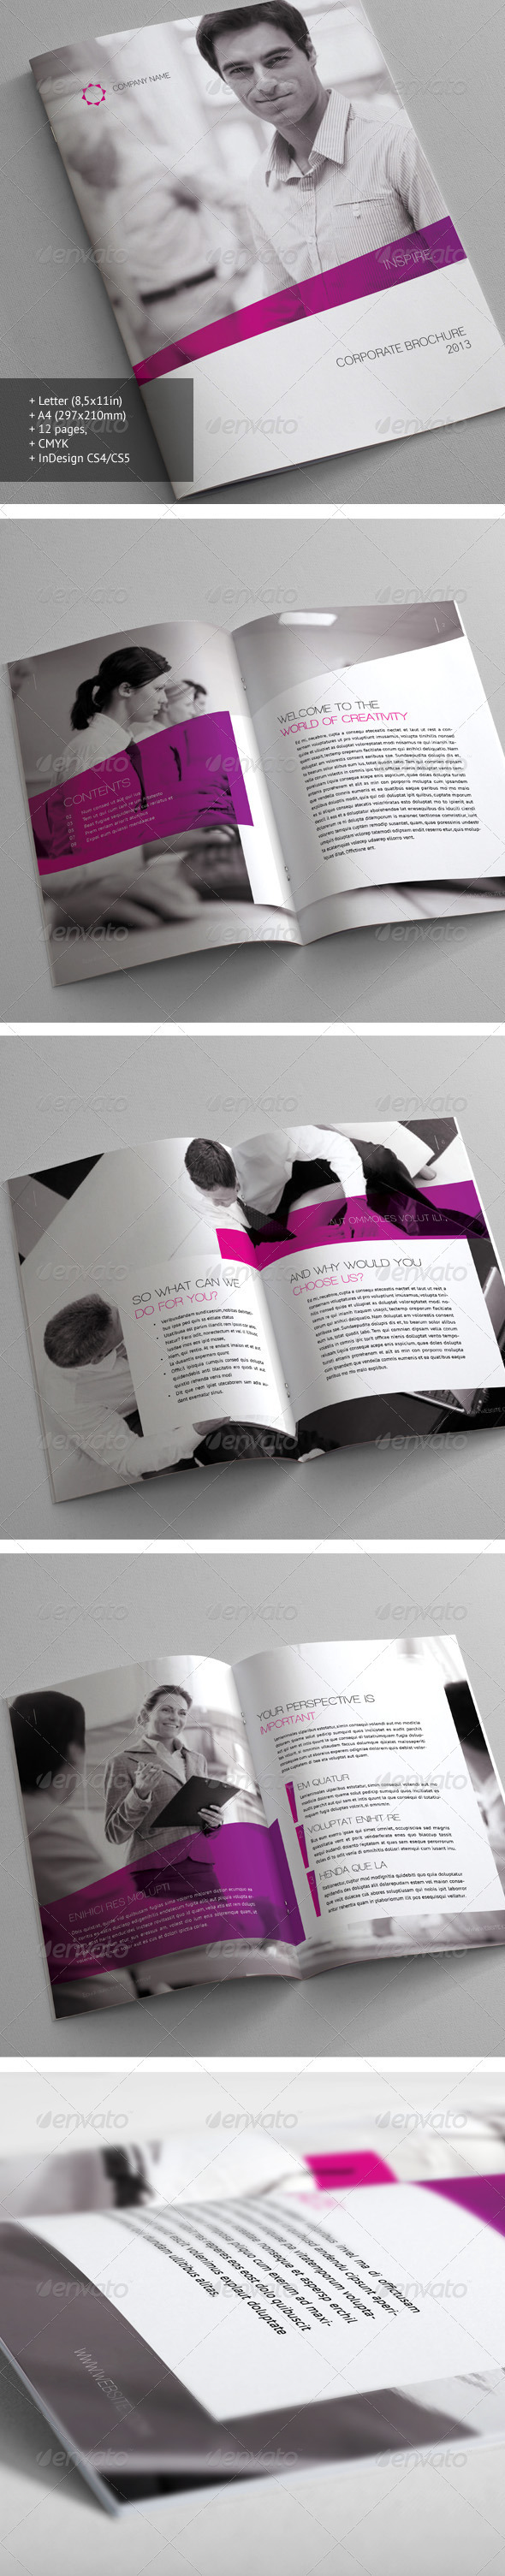 Corporate Brochure 21 - Corporate Brochures